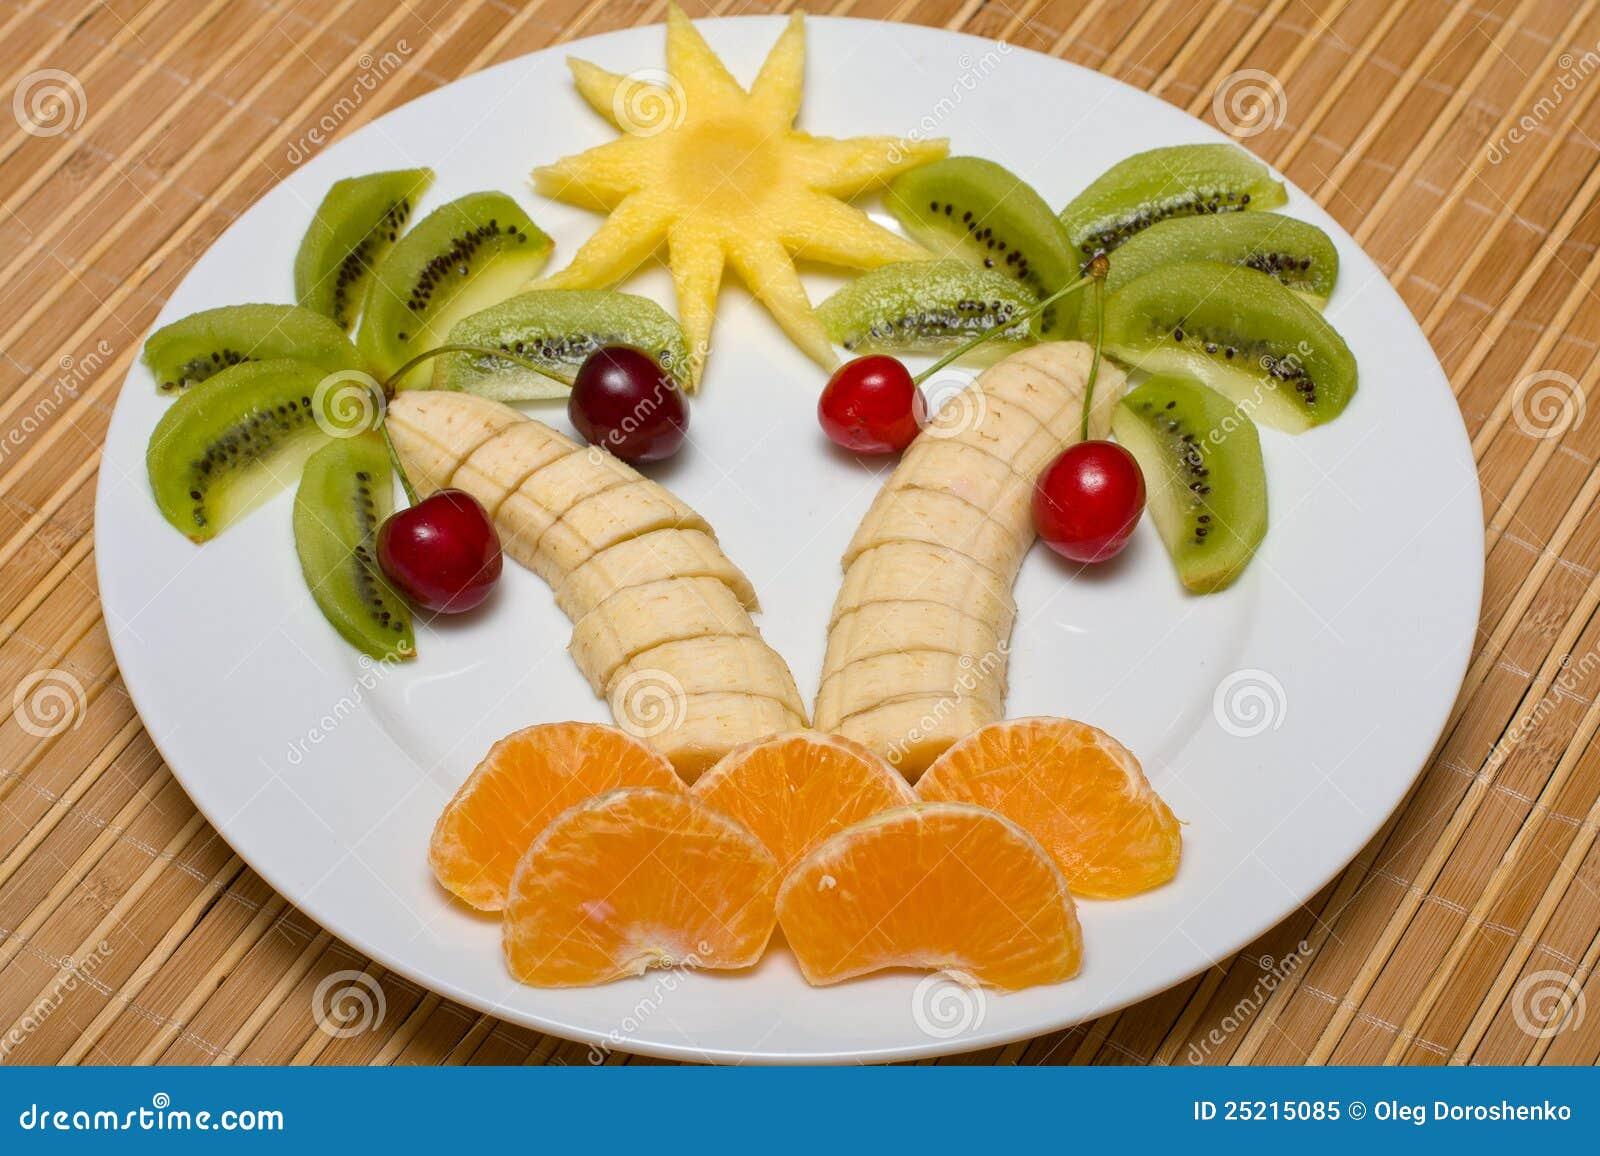 Салат остров с пальмами рецепт